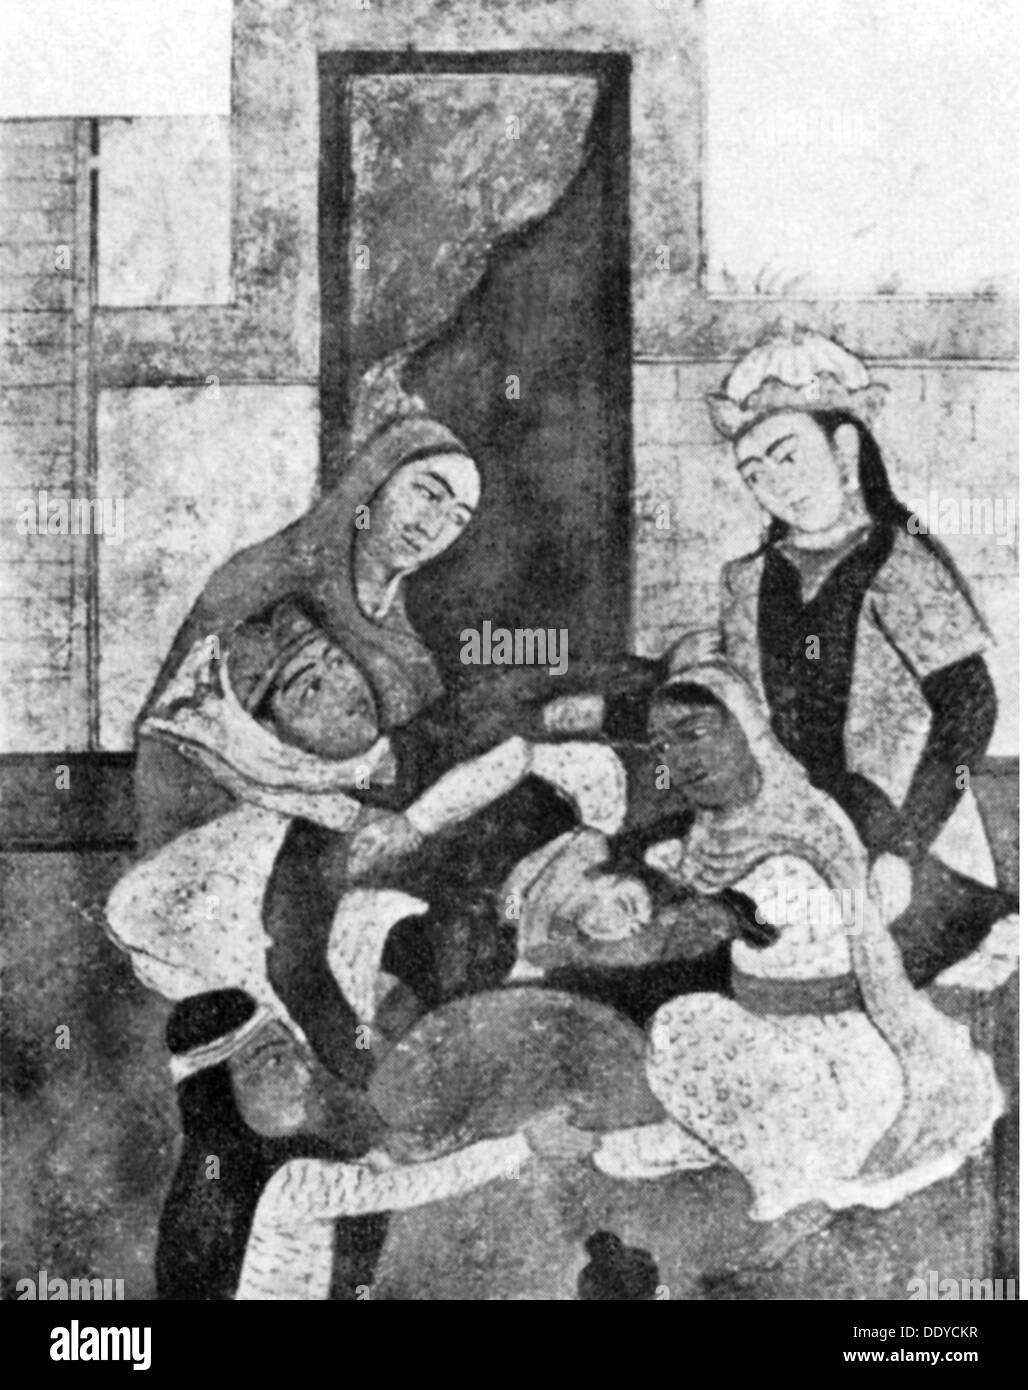 Medizin-Geburt / Gynäkologie Geburt mit vier Hebammen Zeichnung aus einem Werk von Ferdowsi (940 / 941-1020) Persien circa 1000 n. Chr. Stockbild